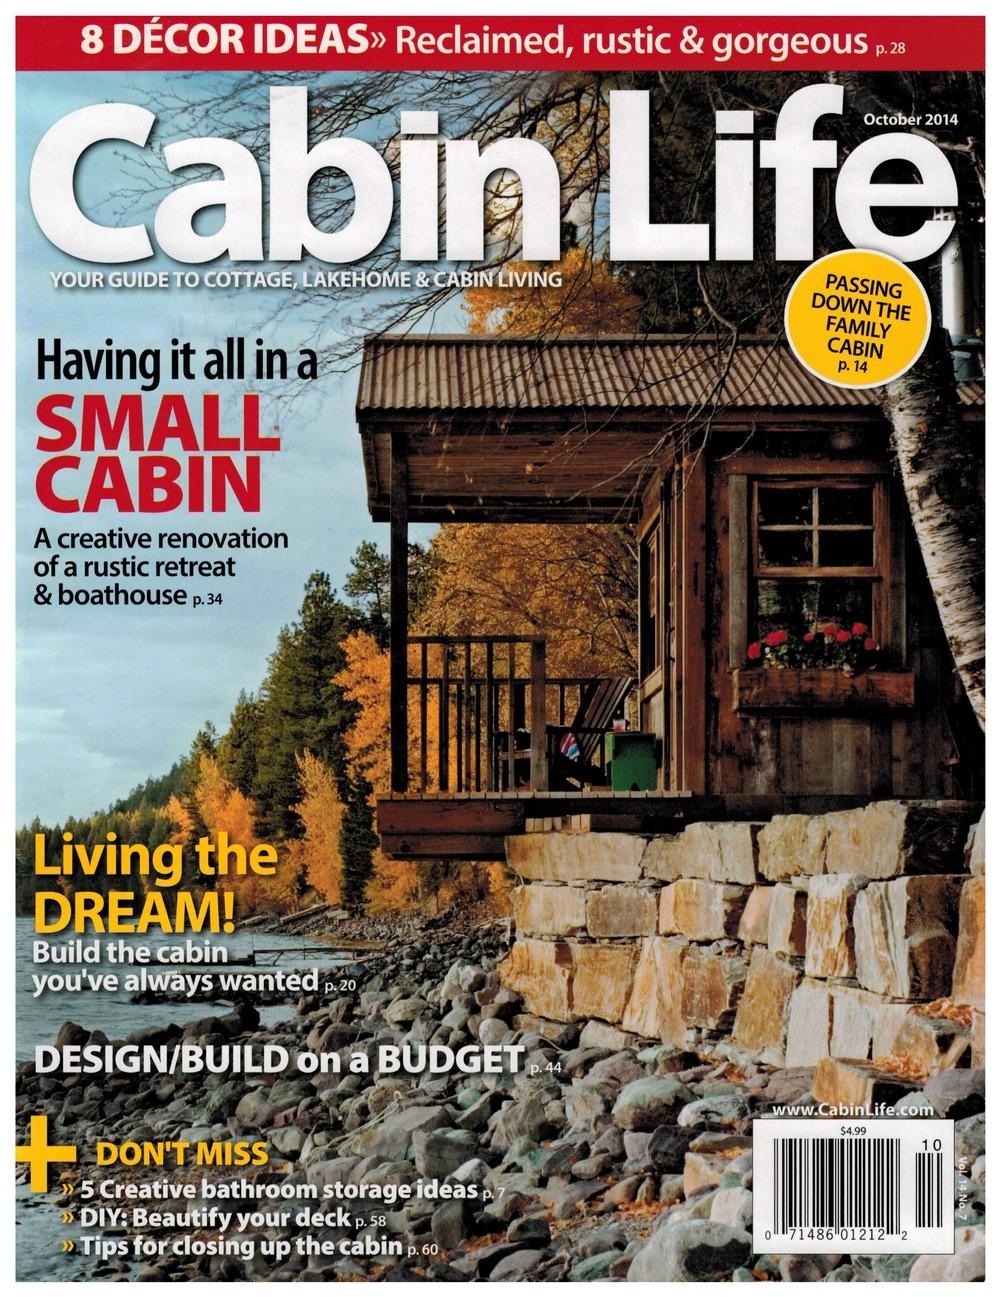 10 Cabin Life-Oct 2014.jpg